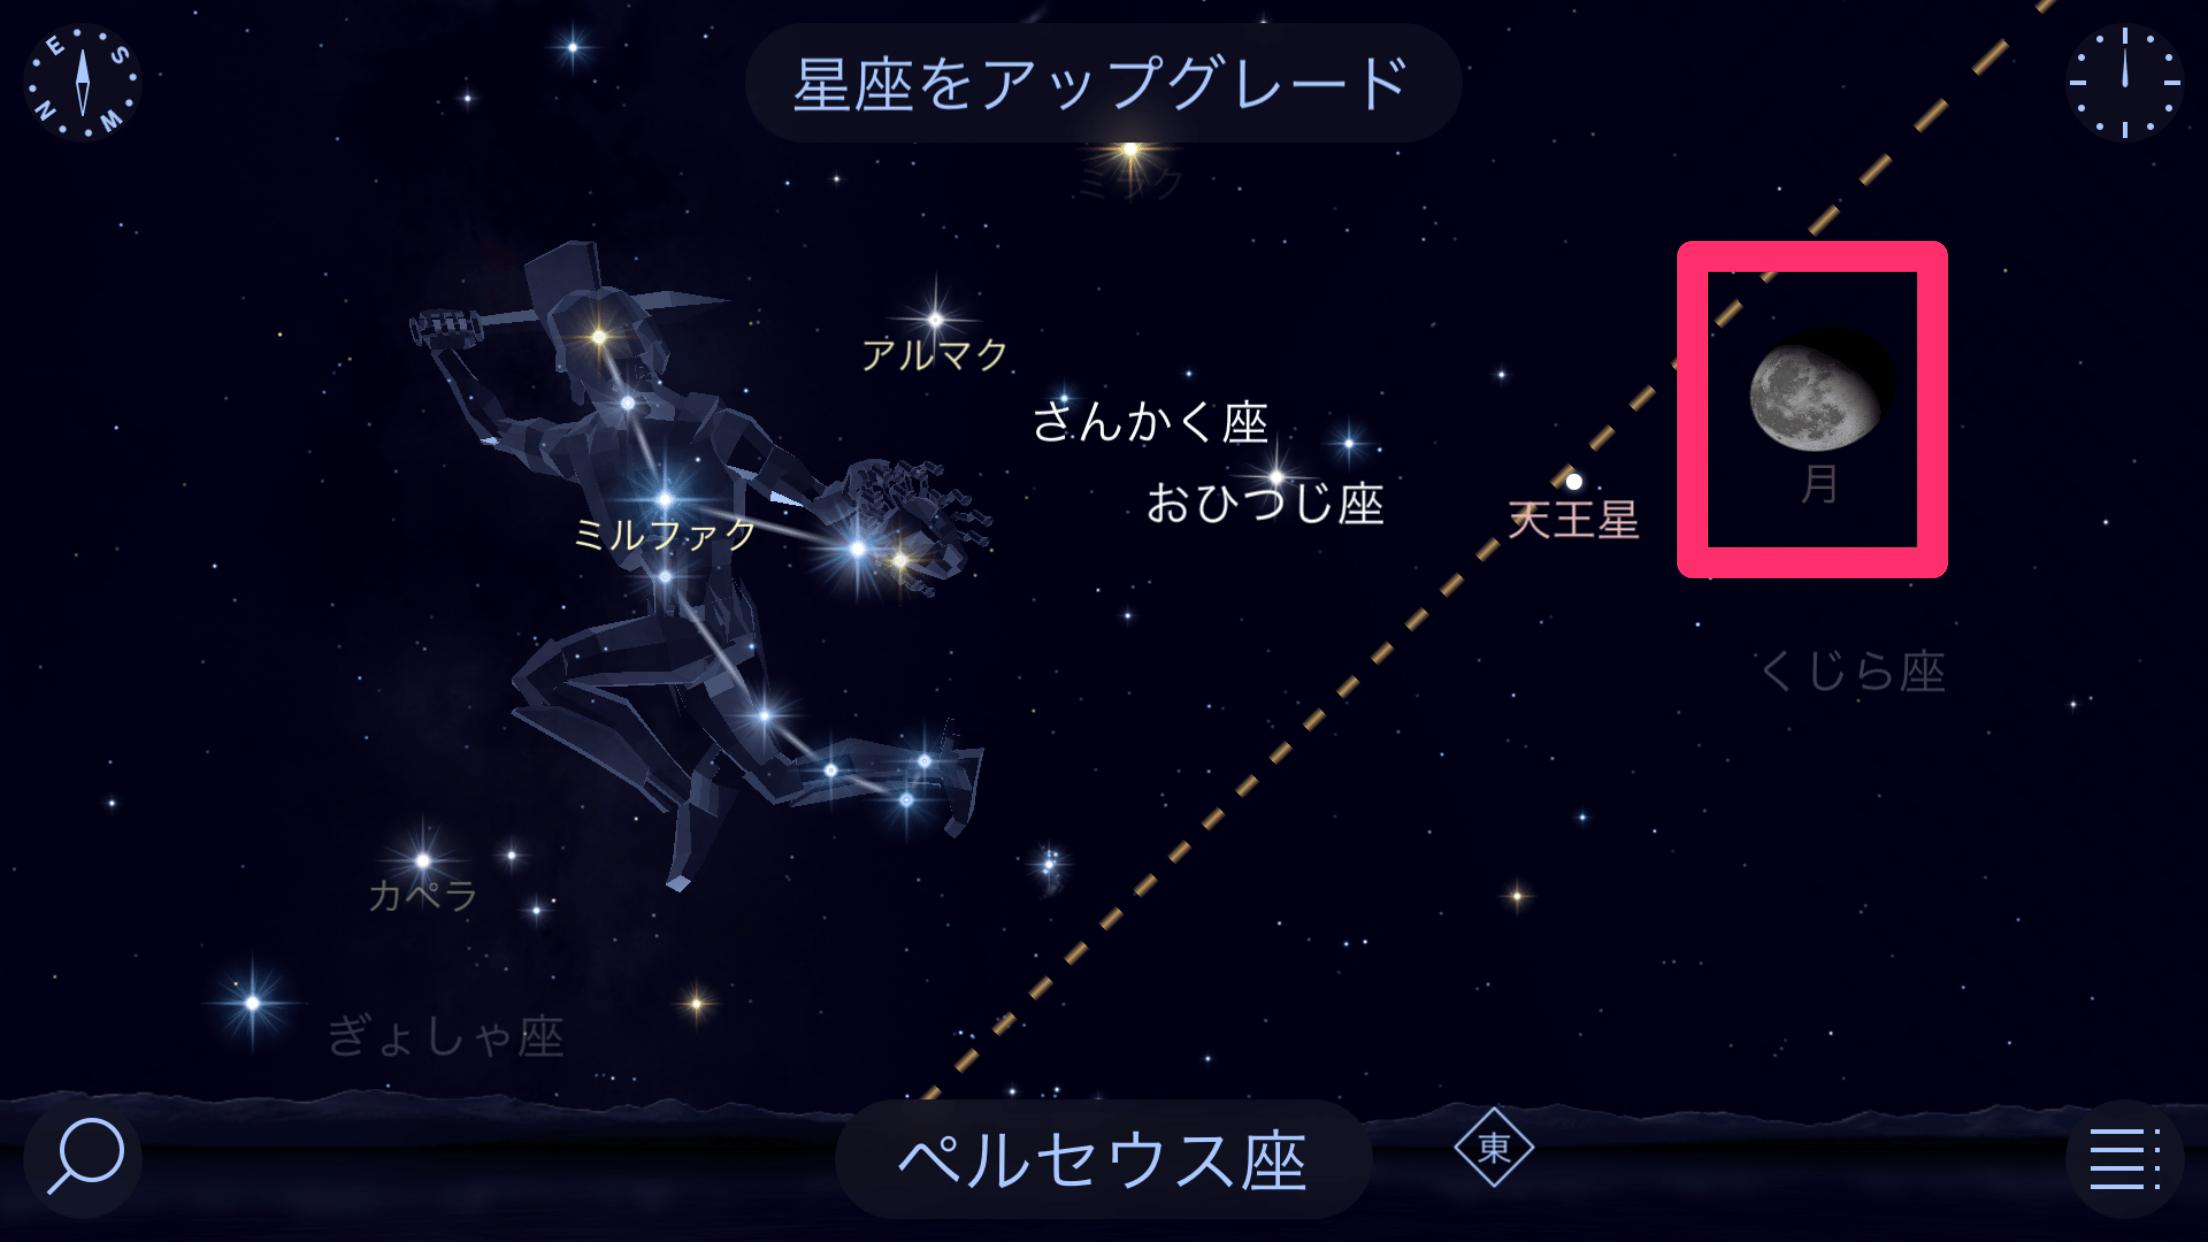 今年は「○○」に注意! ペルセウス座流星群の時間や方角を天体観測アプリで調べる(iPhone/Android両対応)